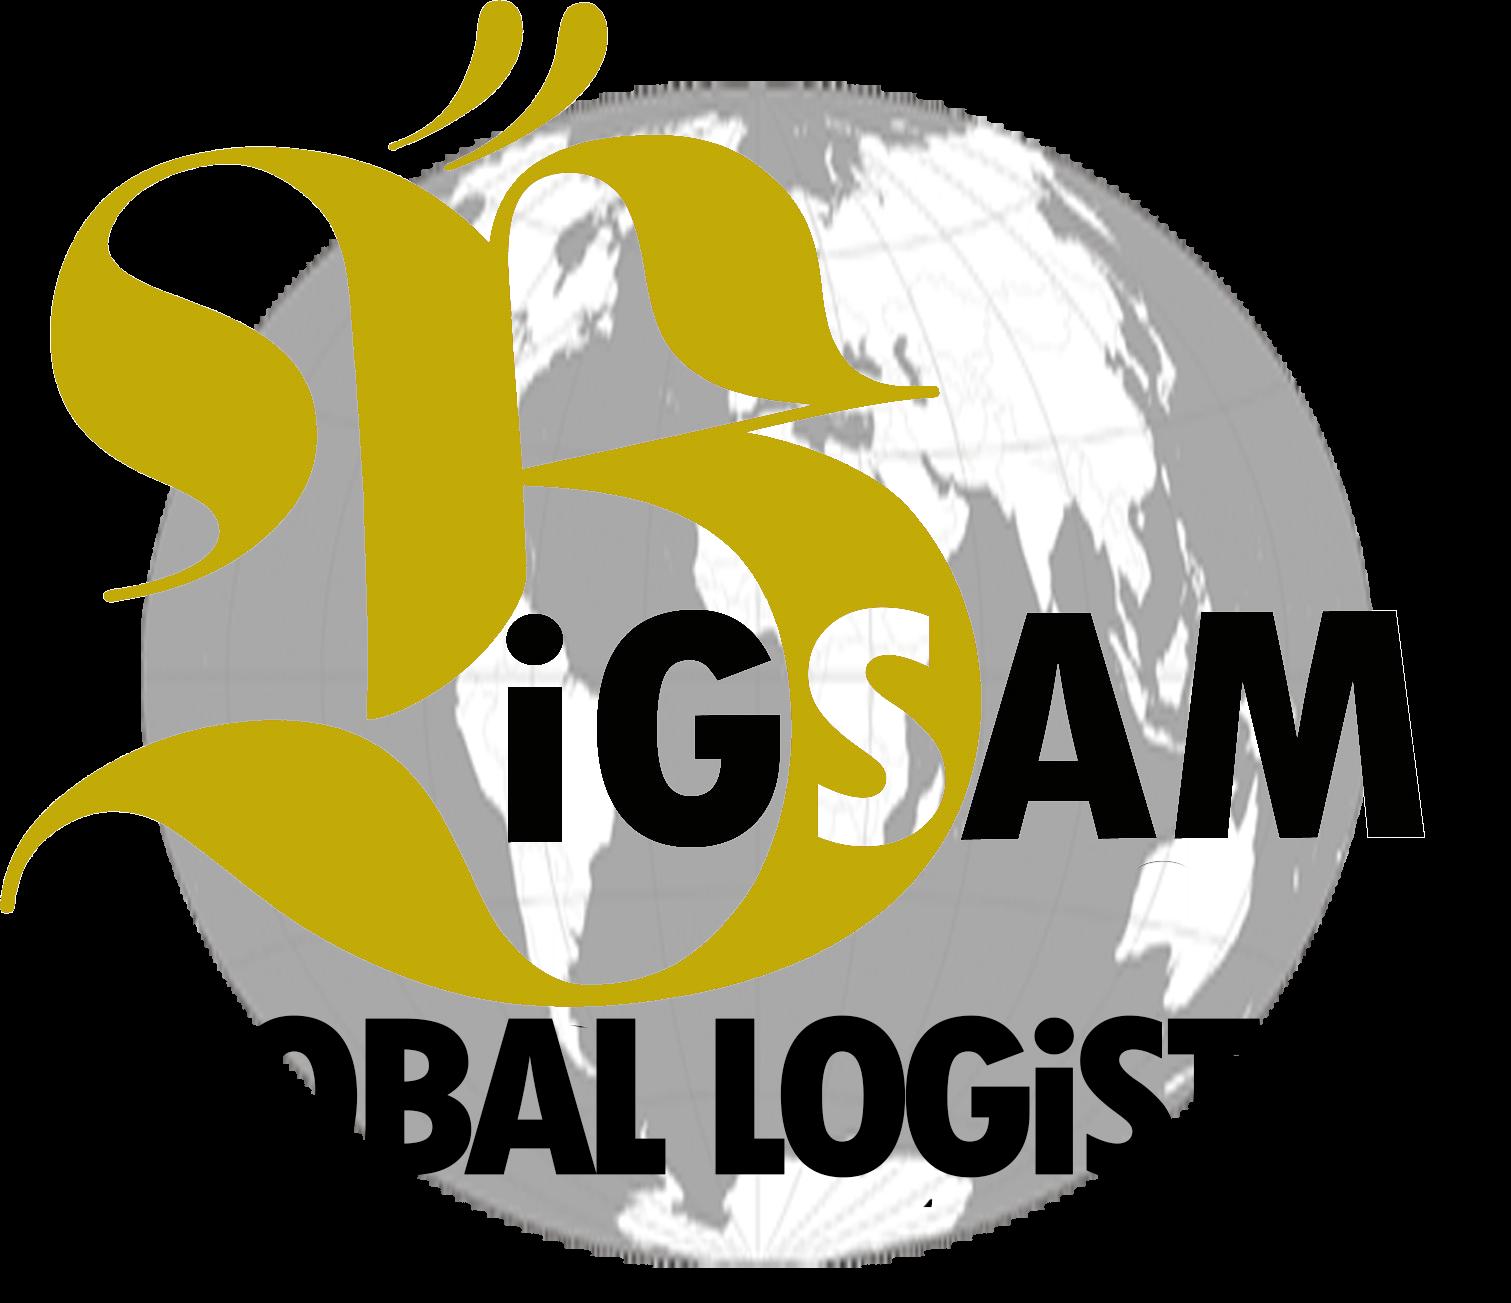 Tracking - Bigsam Global Logistics